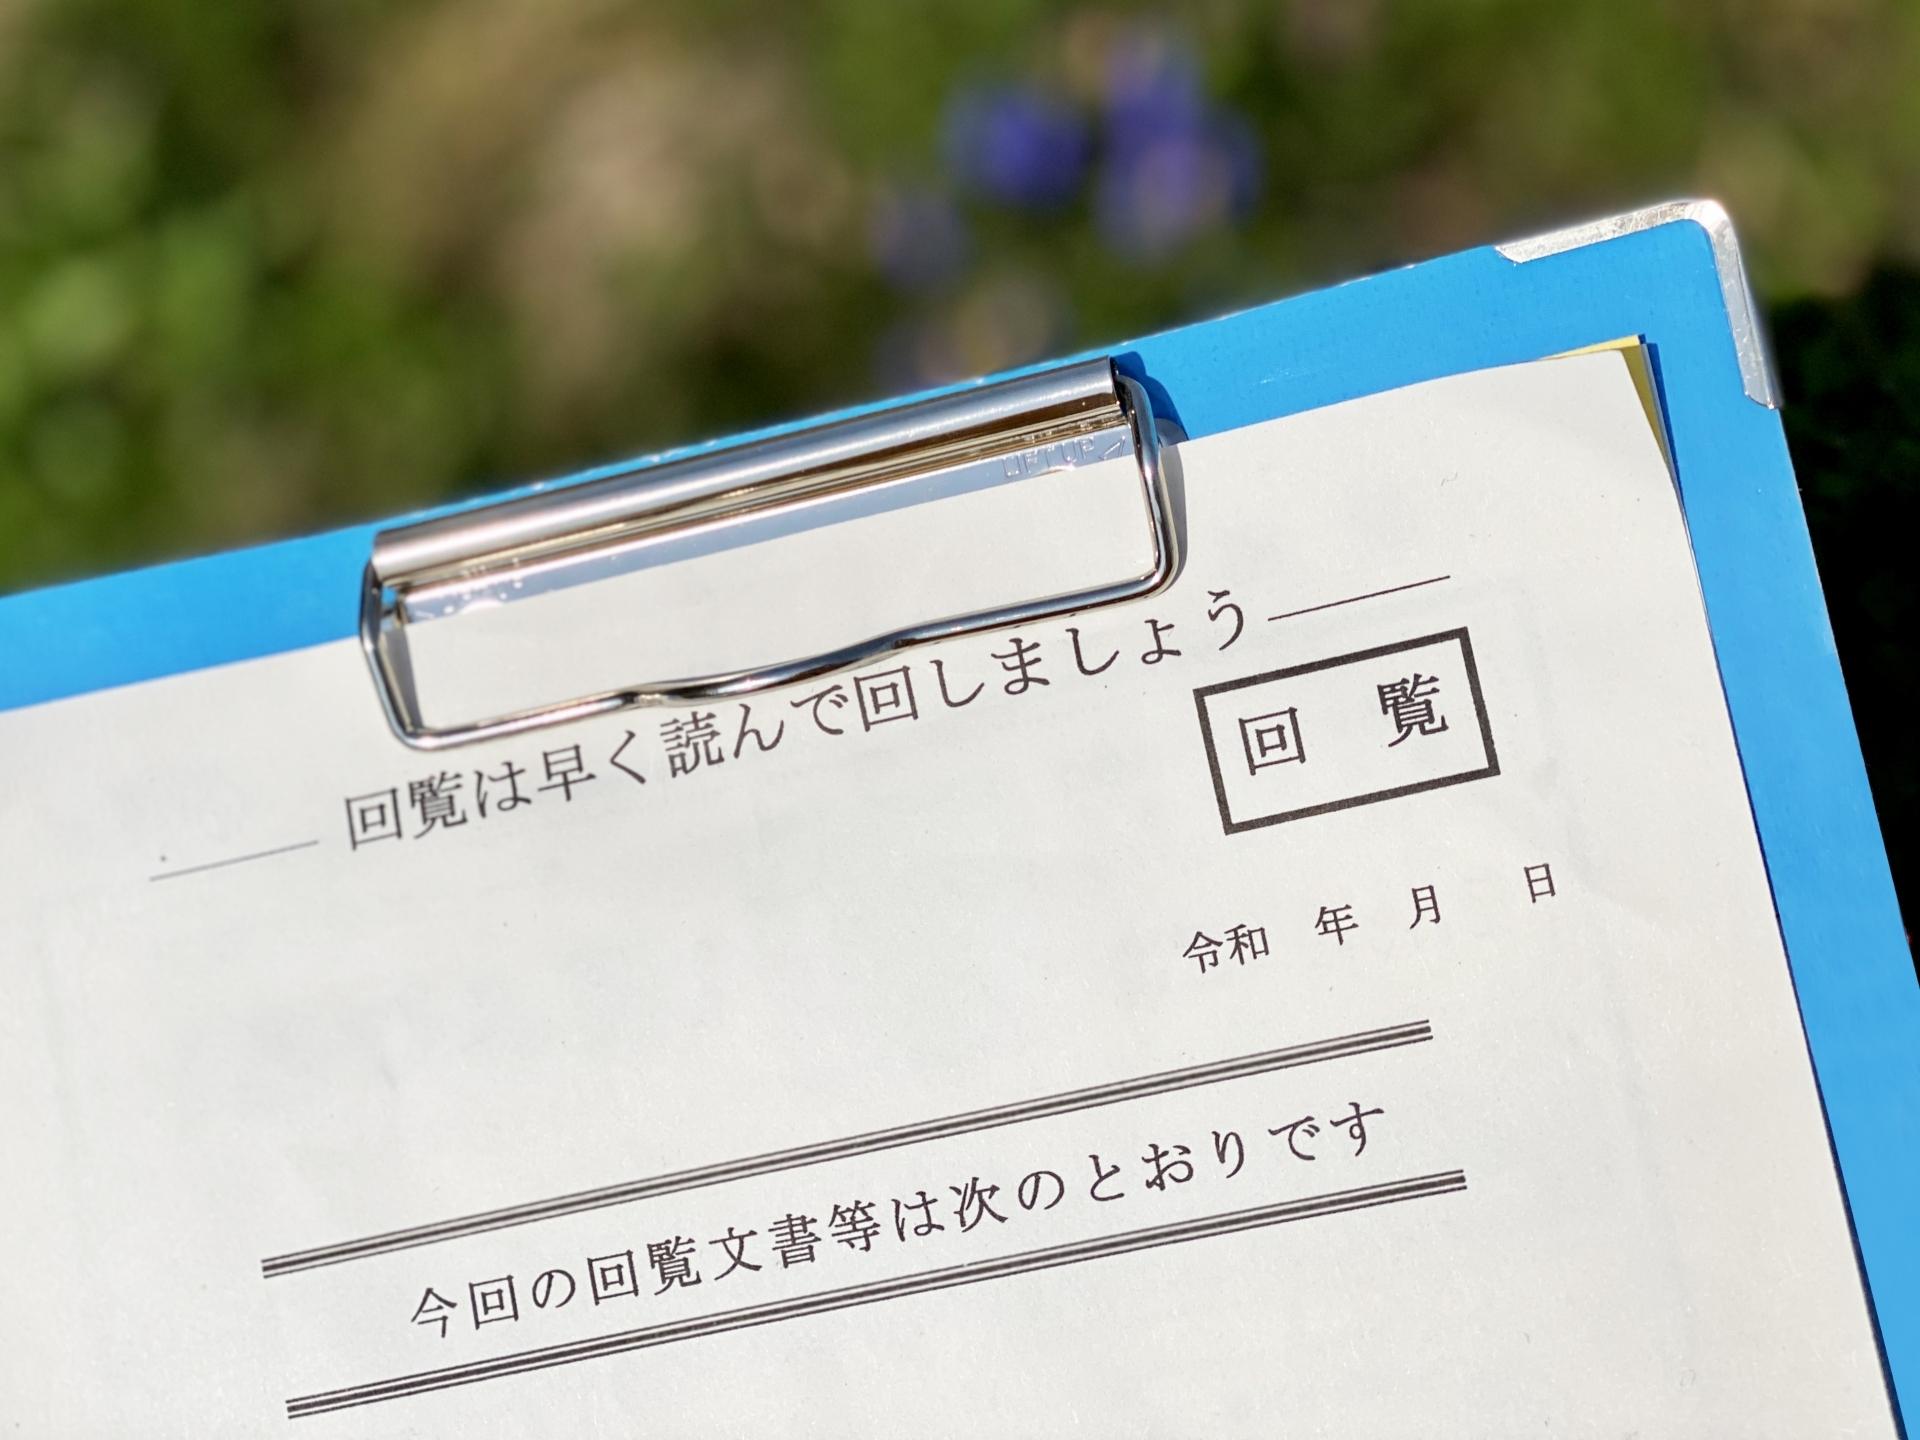 は 回覧 板 と 回覧板の季節の挨拶「春」例文から書き出しまで紹介します。